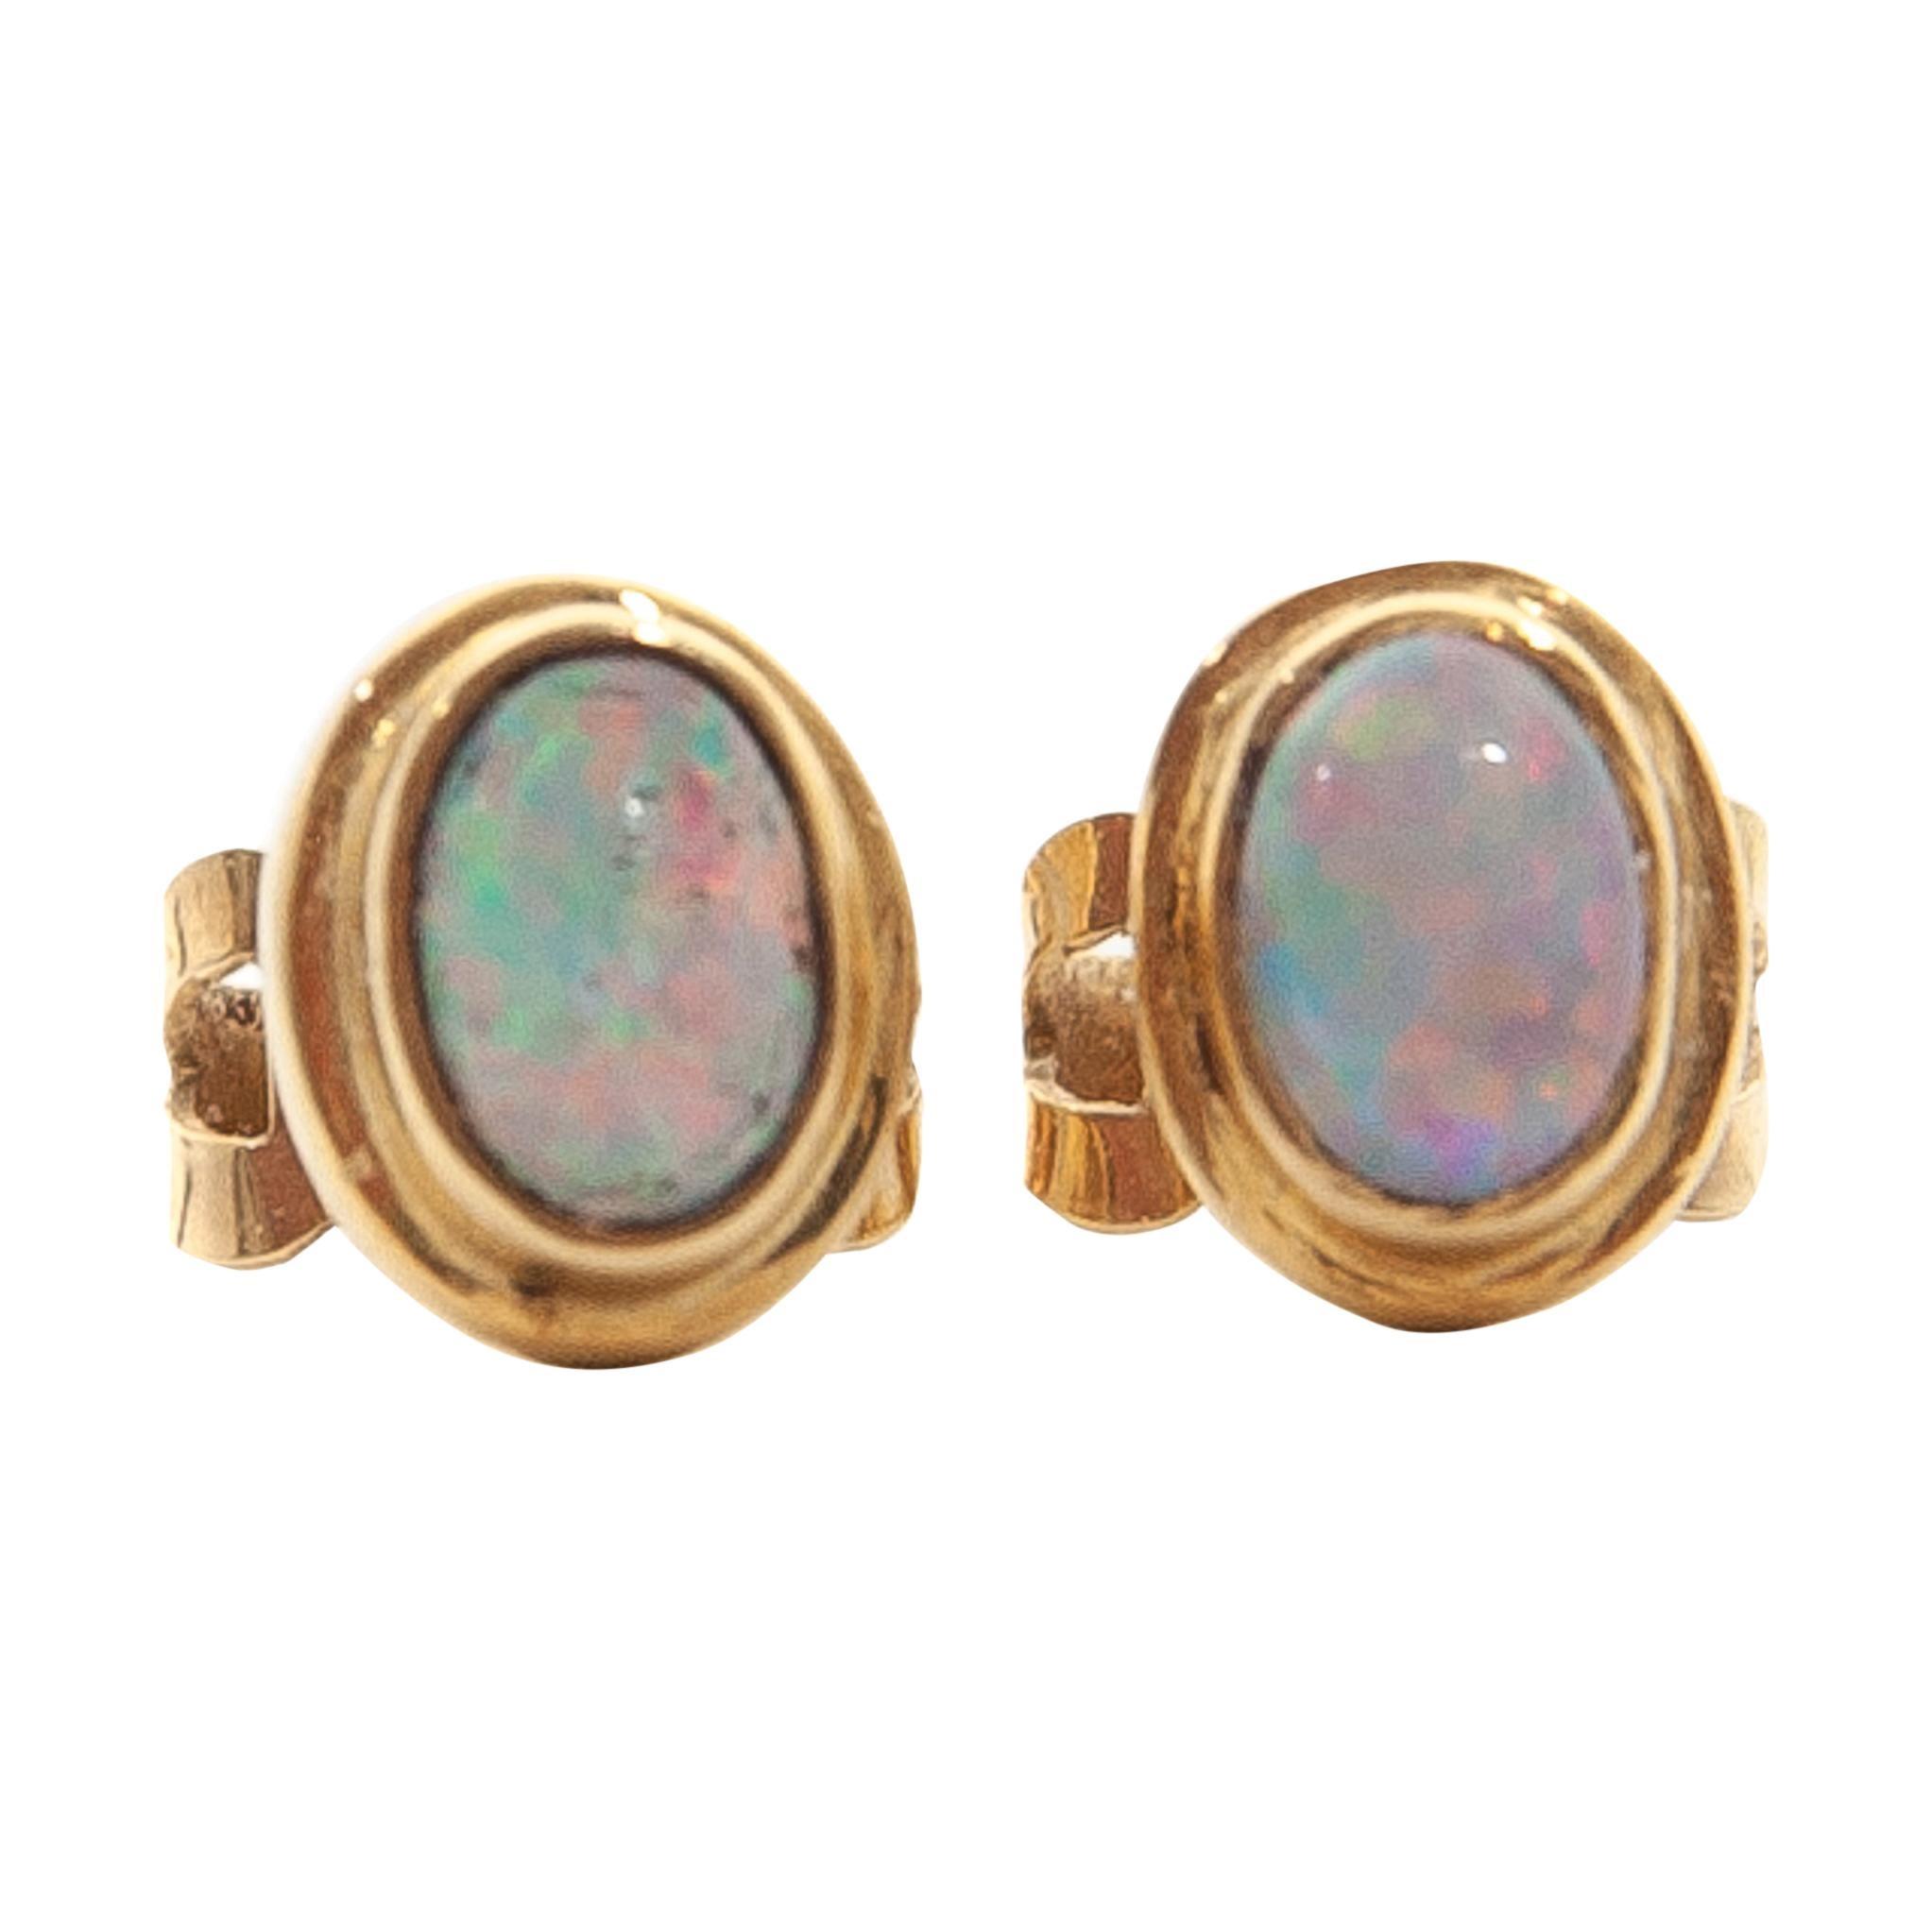 14 Karat Gold Opal Stud Earrings